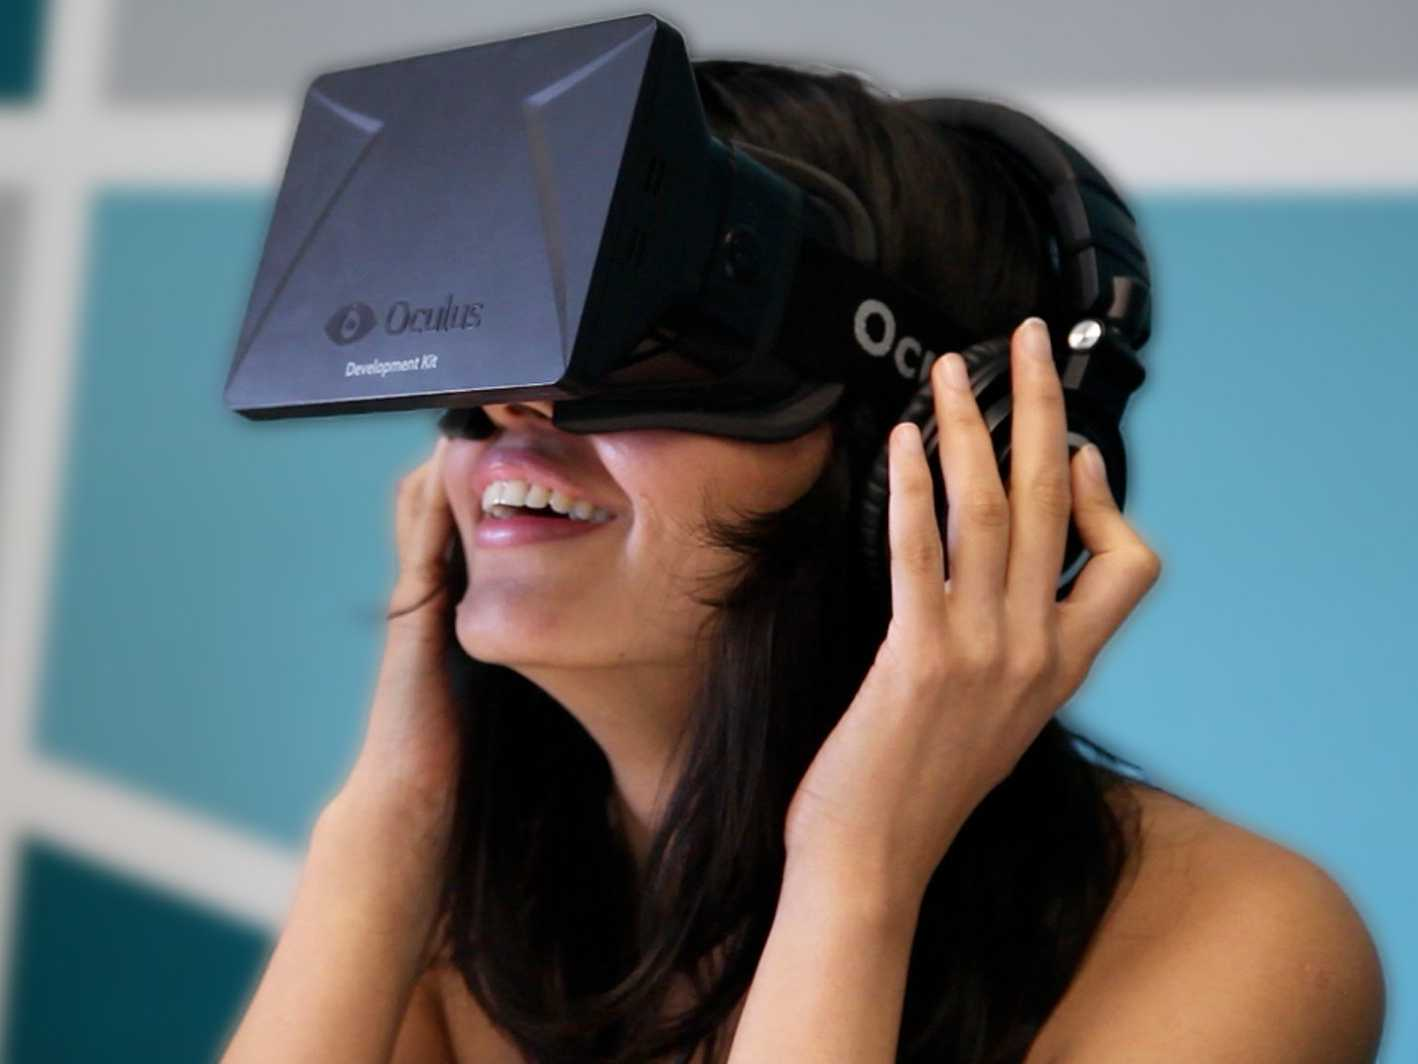 ヘッドマウントディスプレイのOculus VR、Facebookが20億ドルで買収